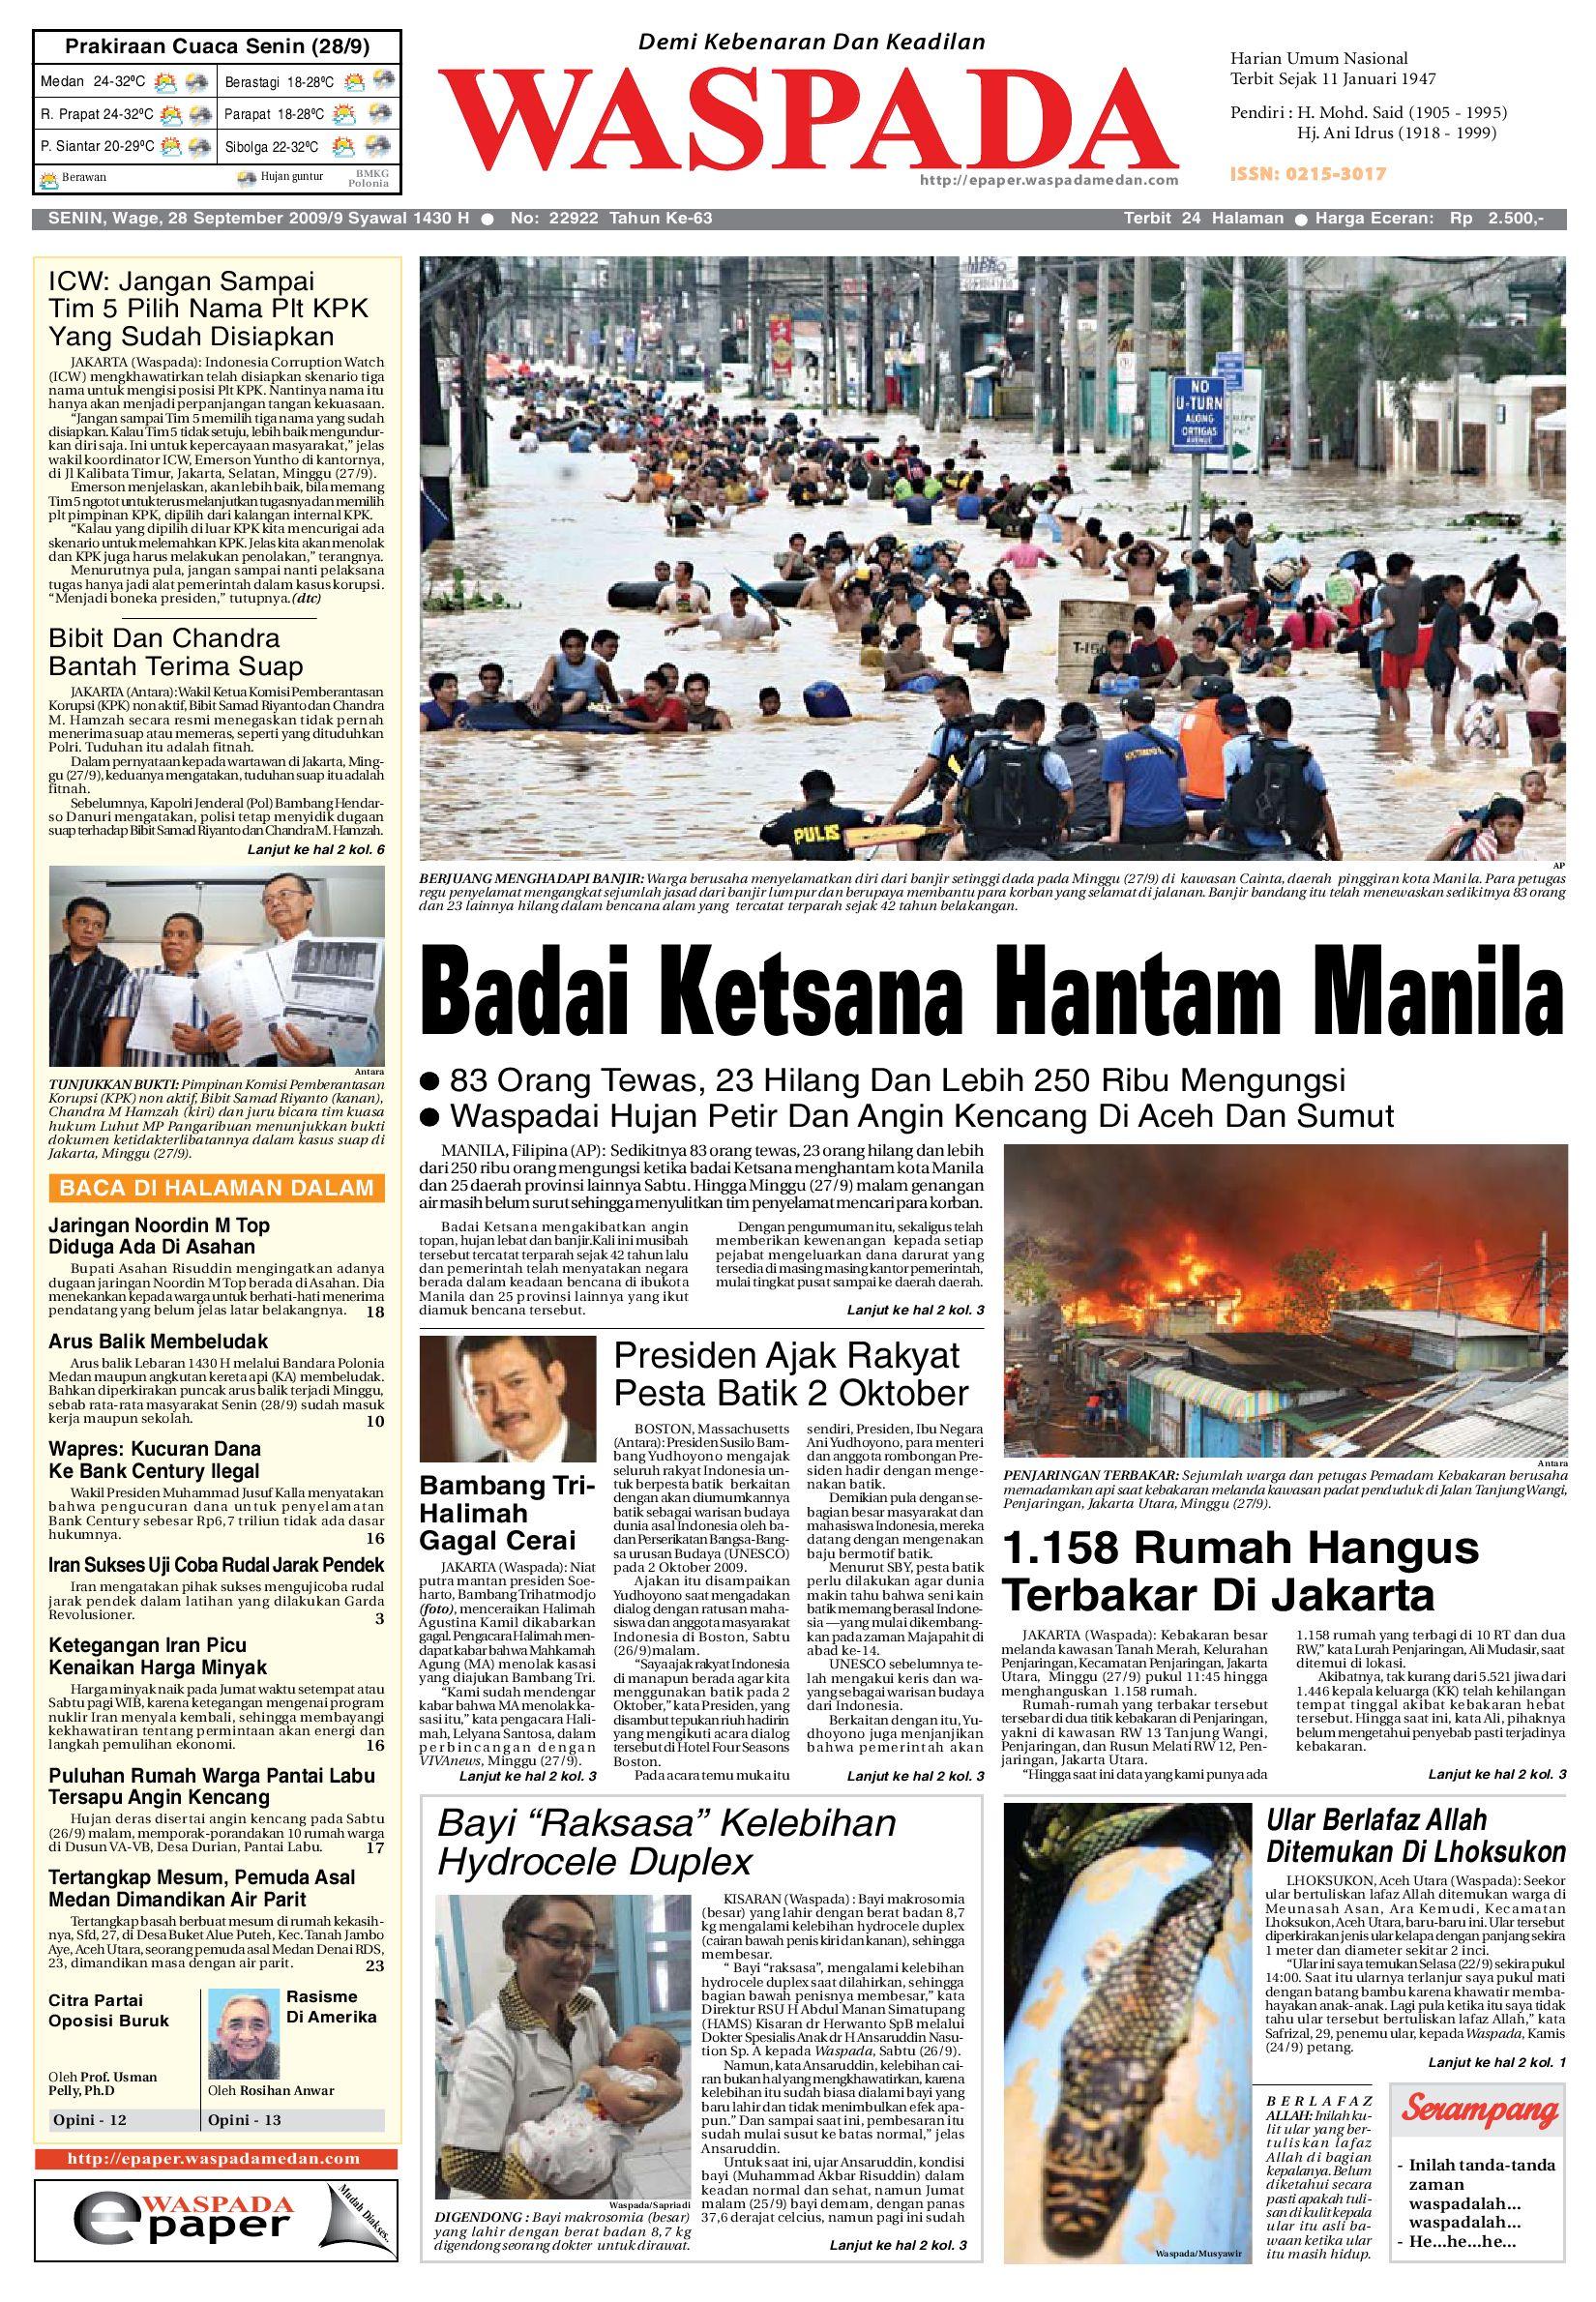 Waspada Senin 28 September 2009 By Harian Waspada Issuu